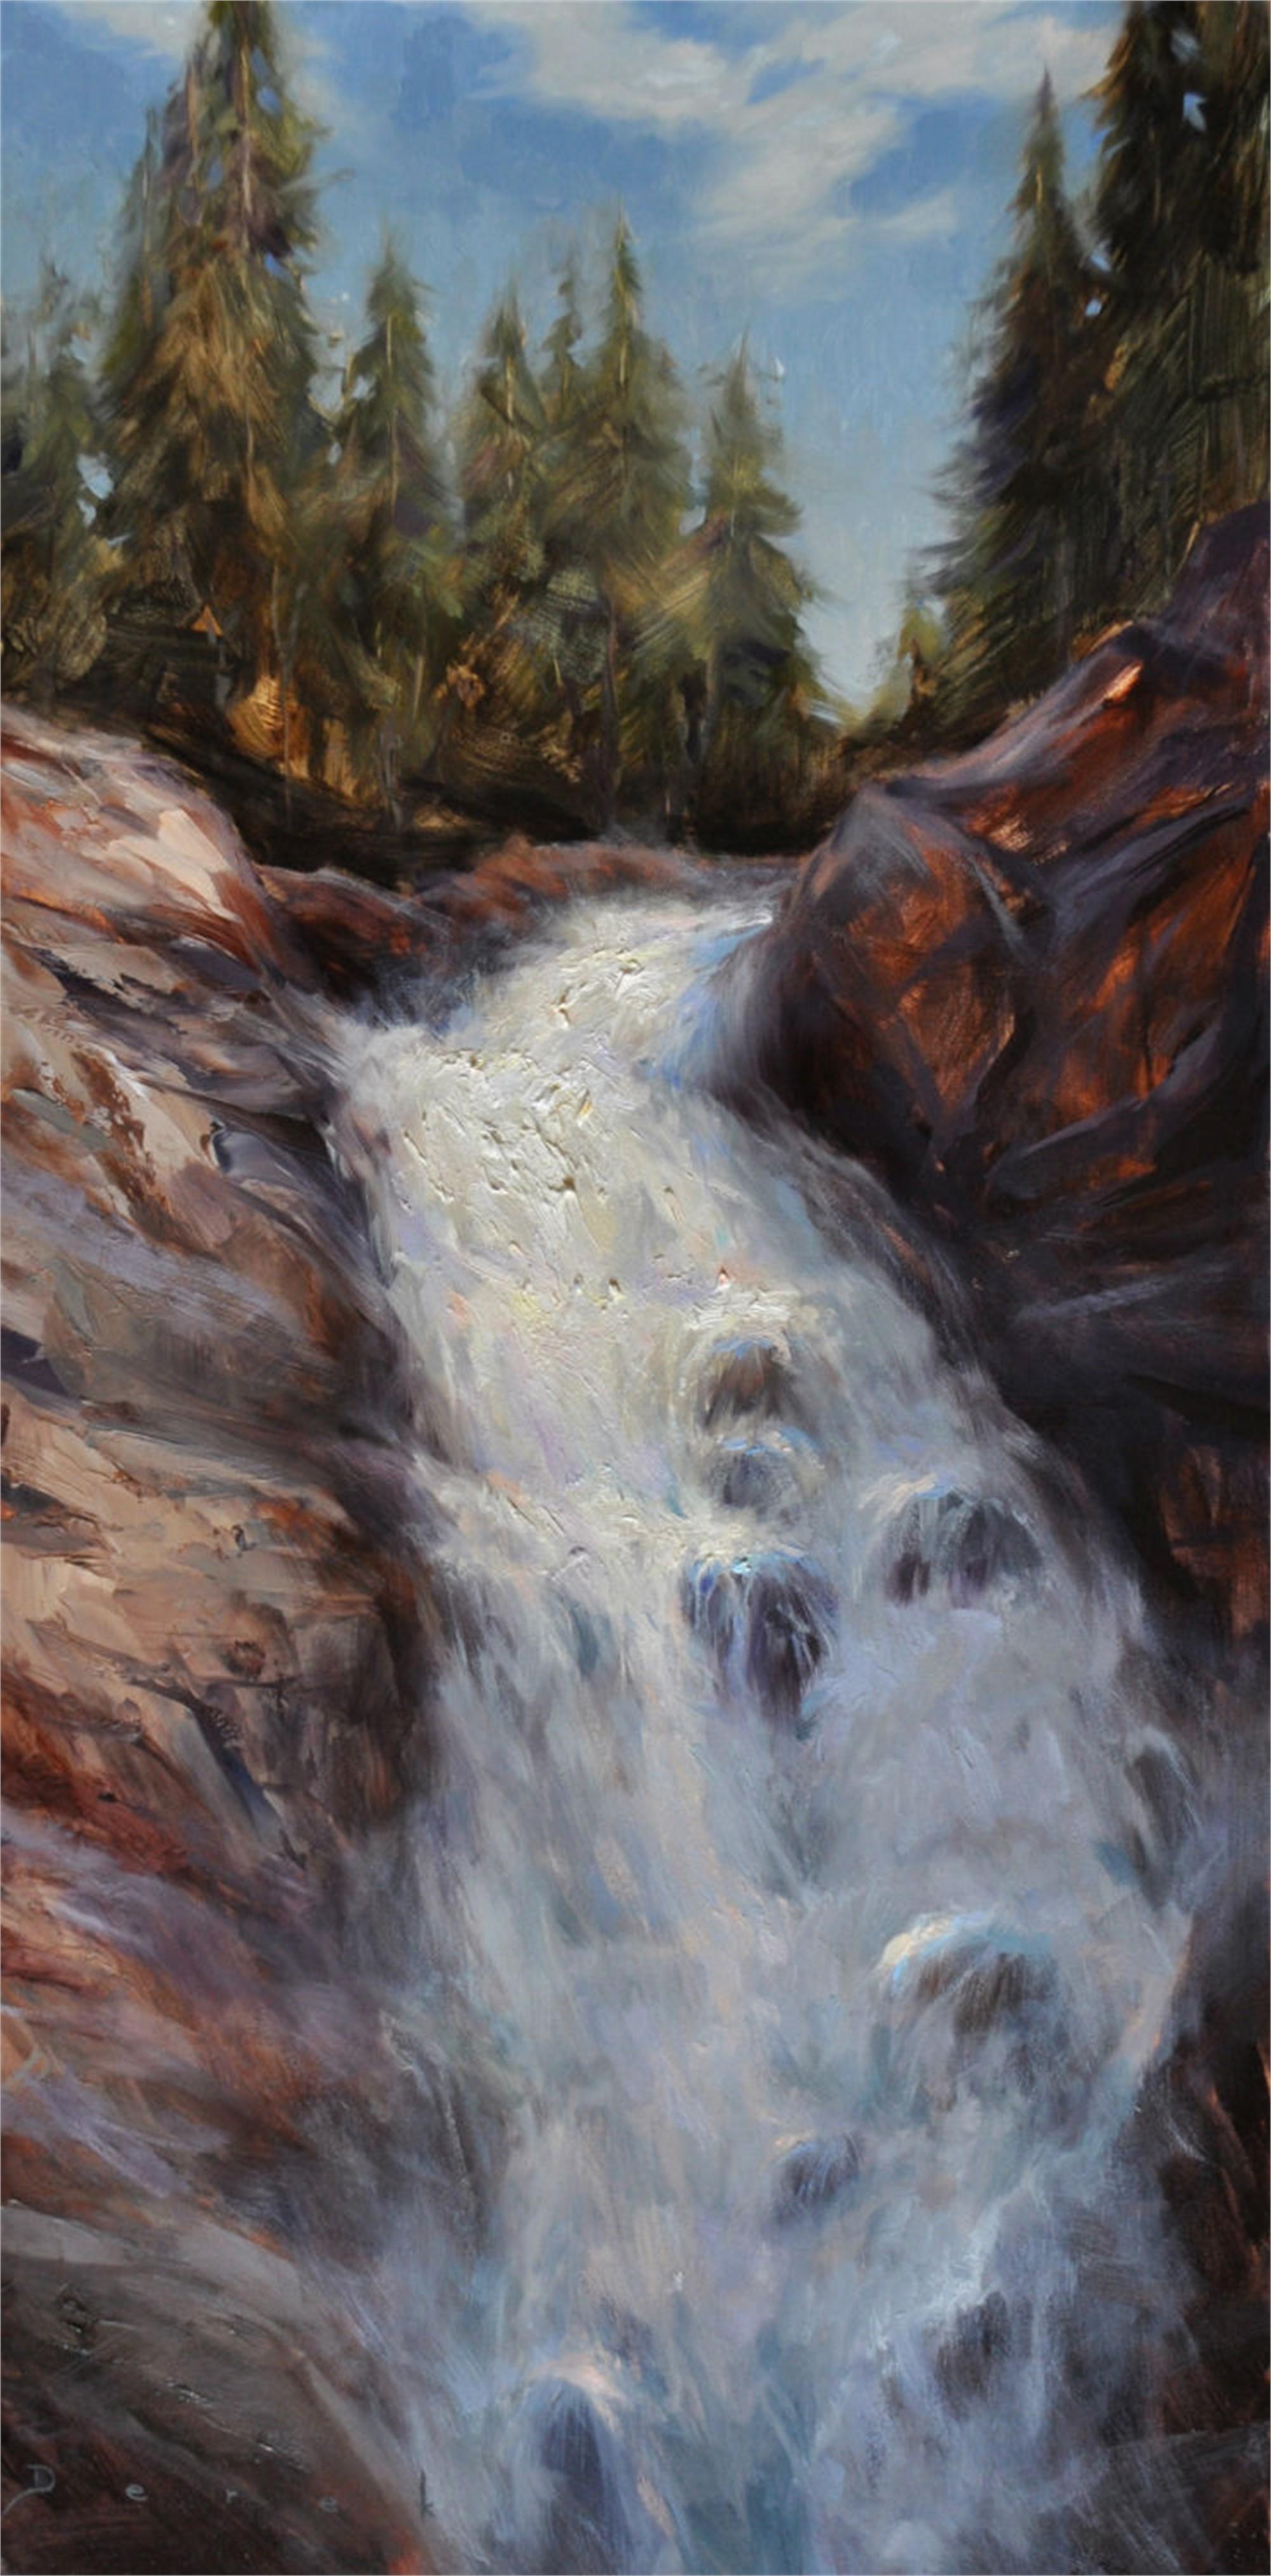 Fish Creek Falls by Derek Harrison